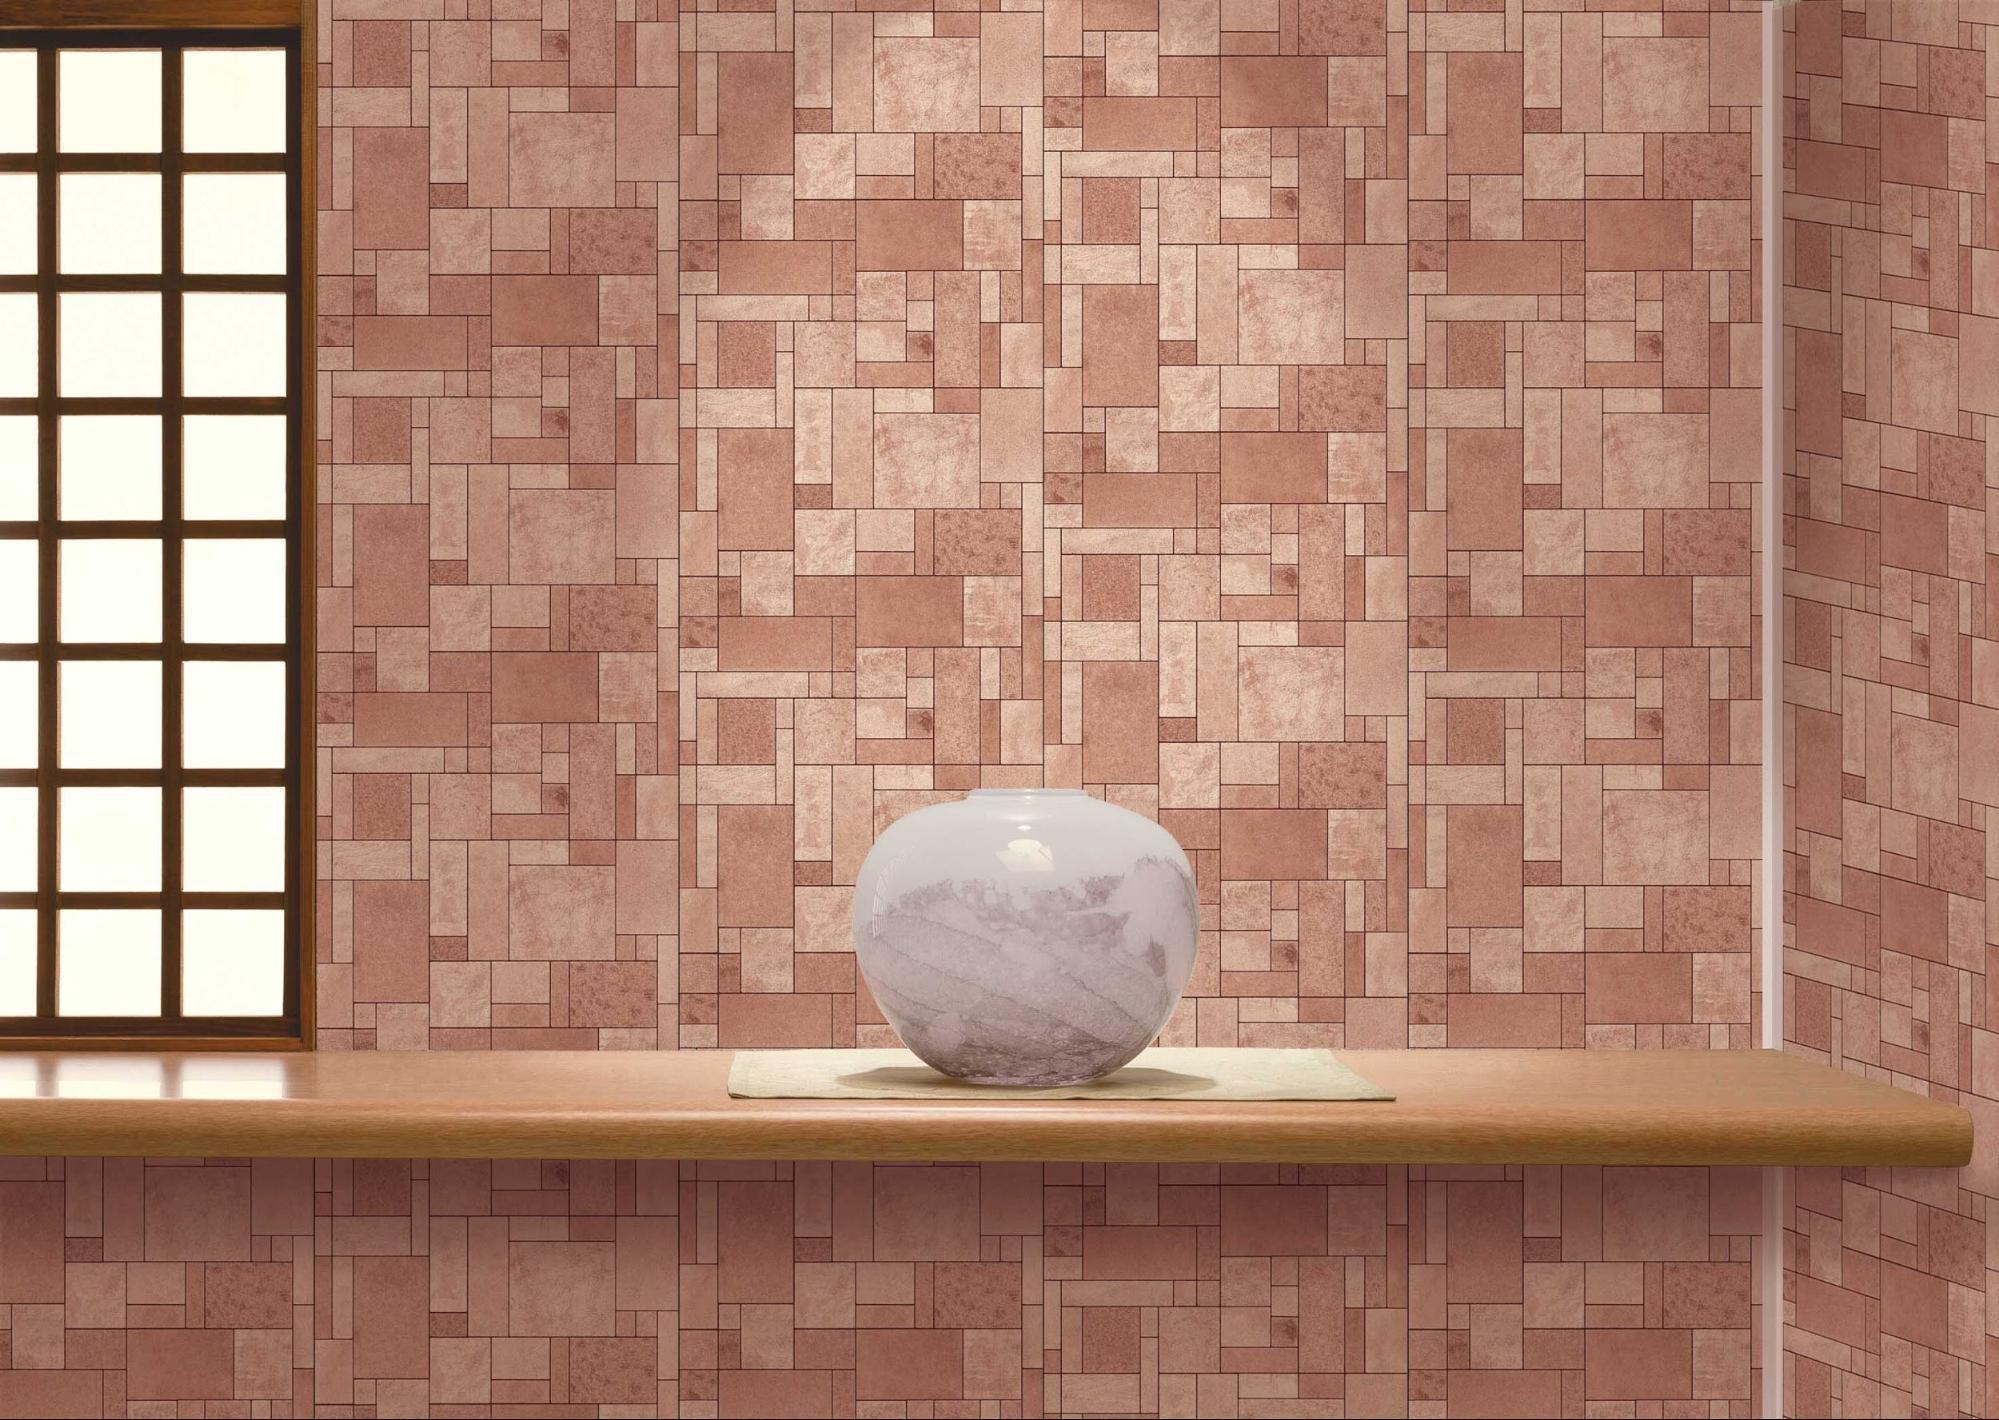 ПВХ панели для стен - как крепить, монтаж и обшивка, каталог, фото, цена